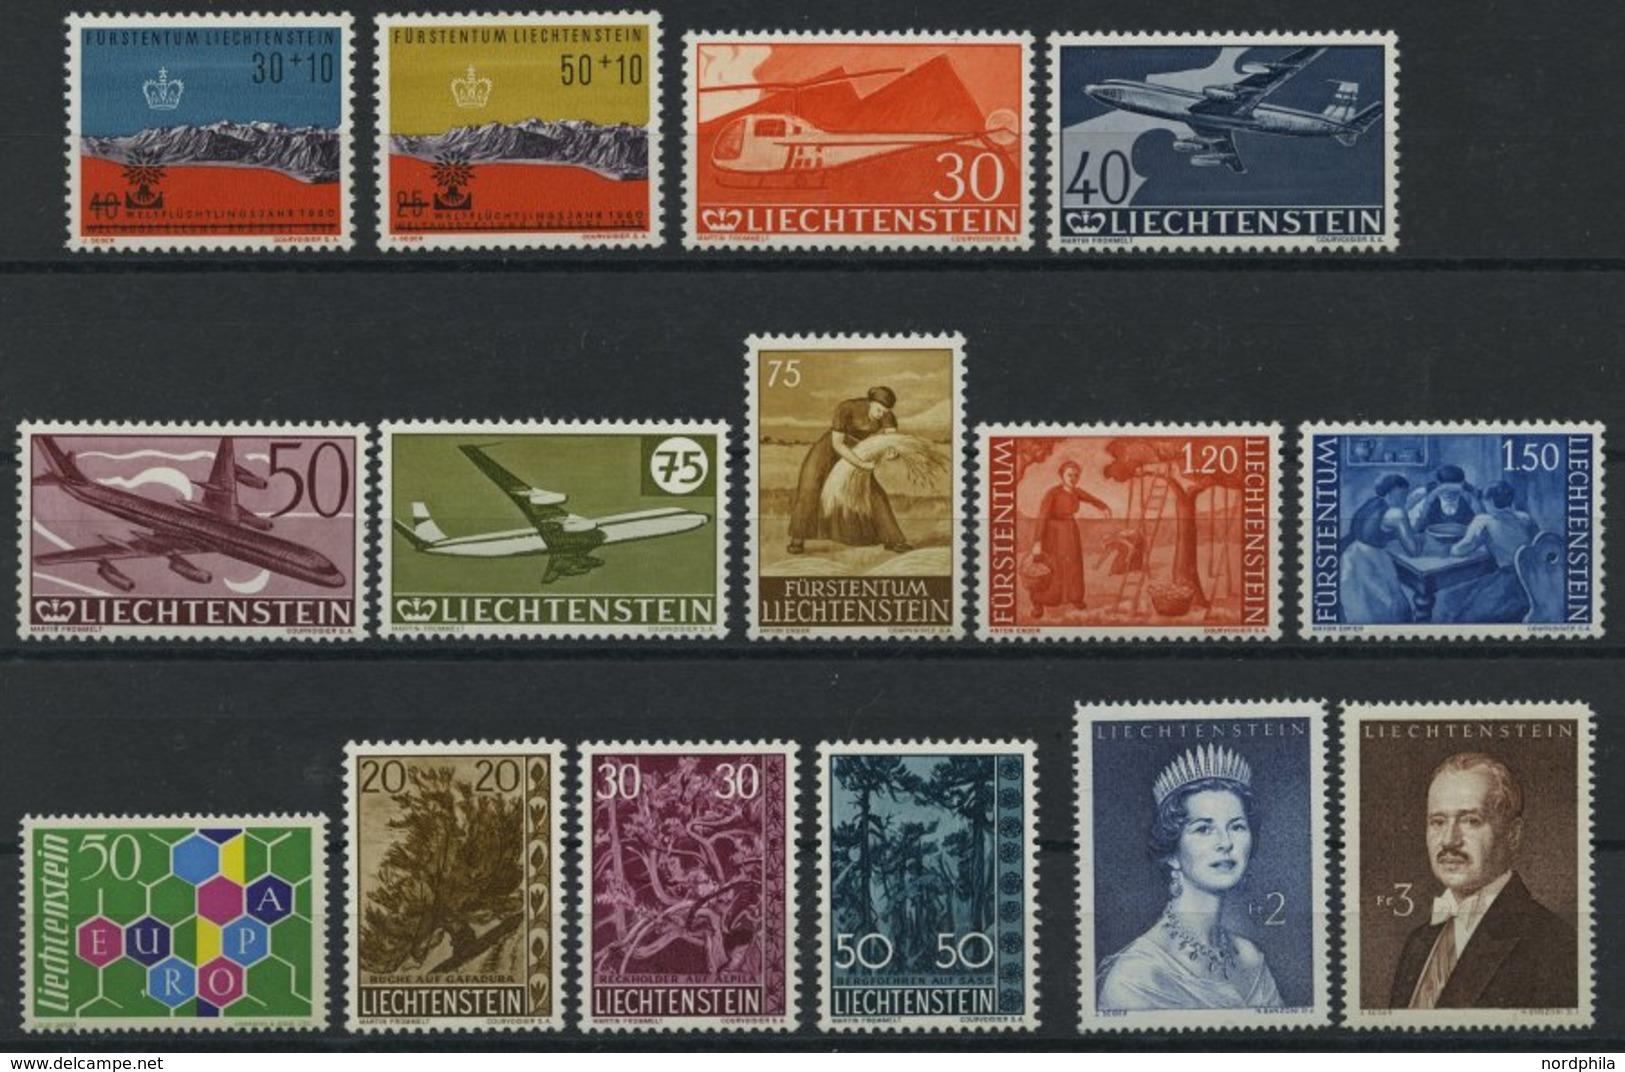 JAHRGÄNGE 389-403 **, 1960, Kompletter Postfrischer Jahrgang, Pracht, Mi. 154.70 - Liechtenstein